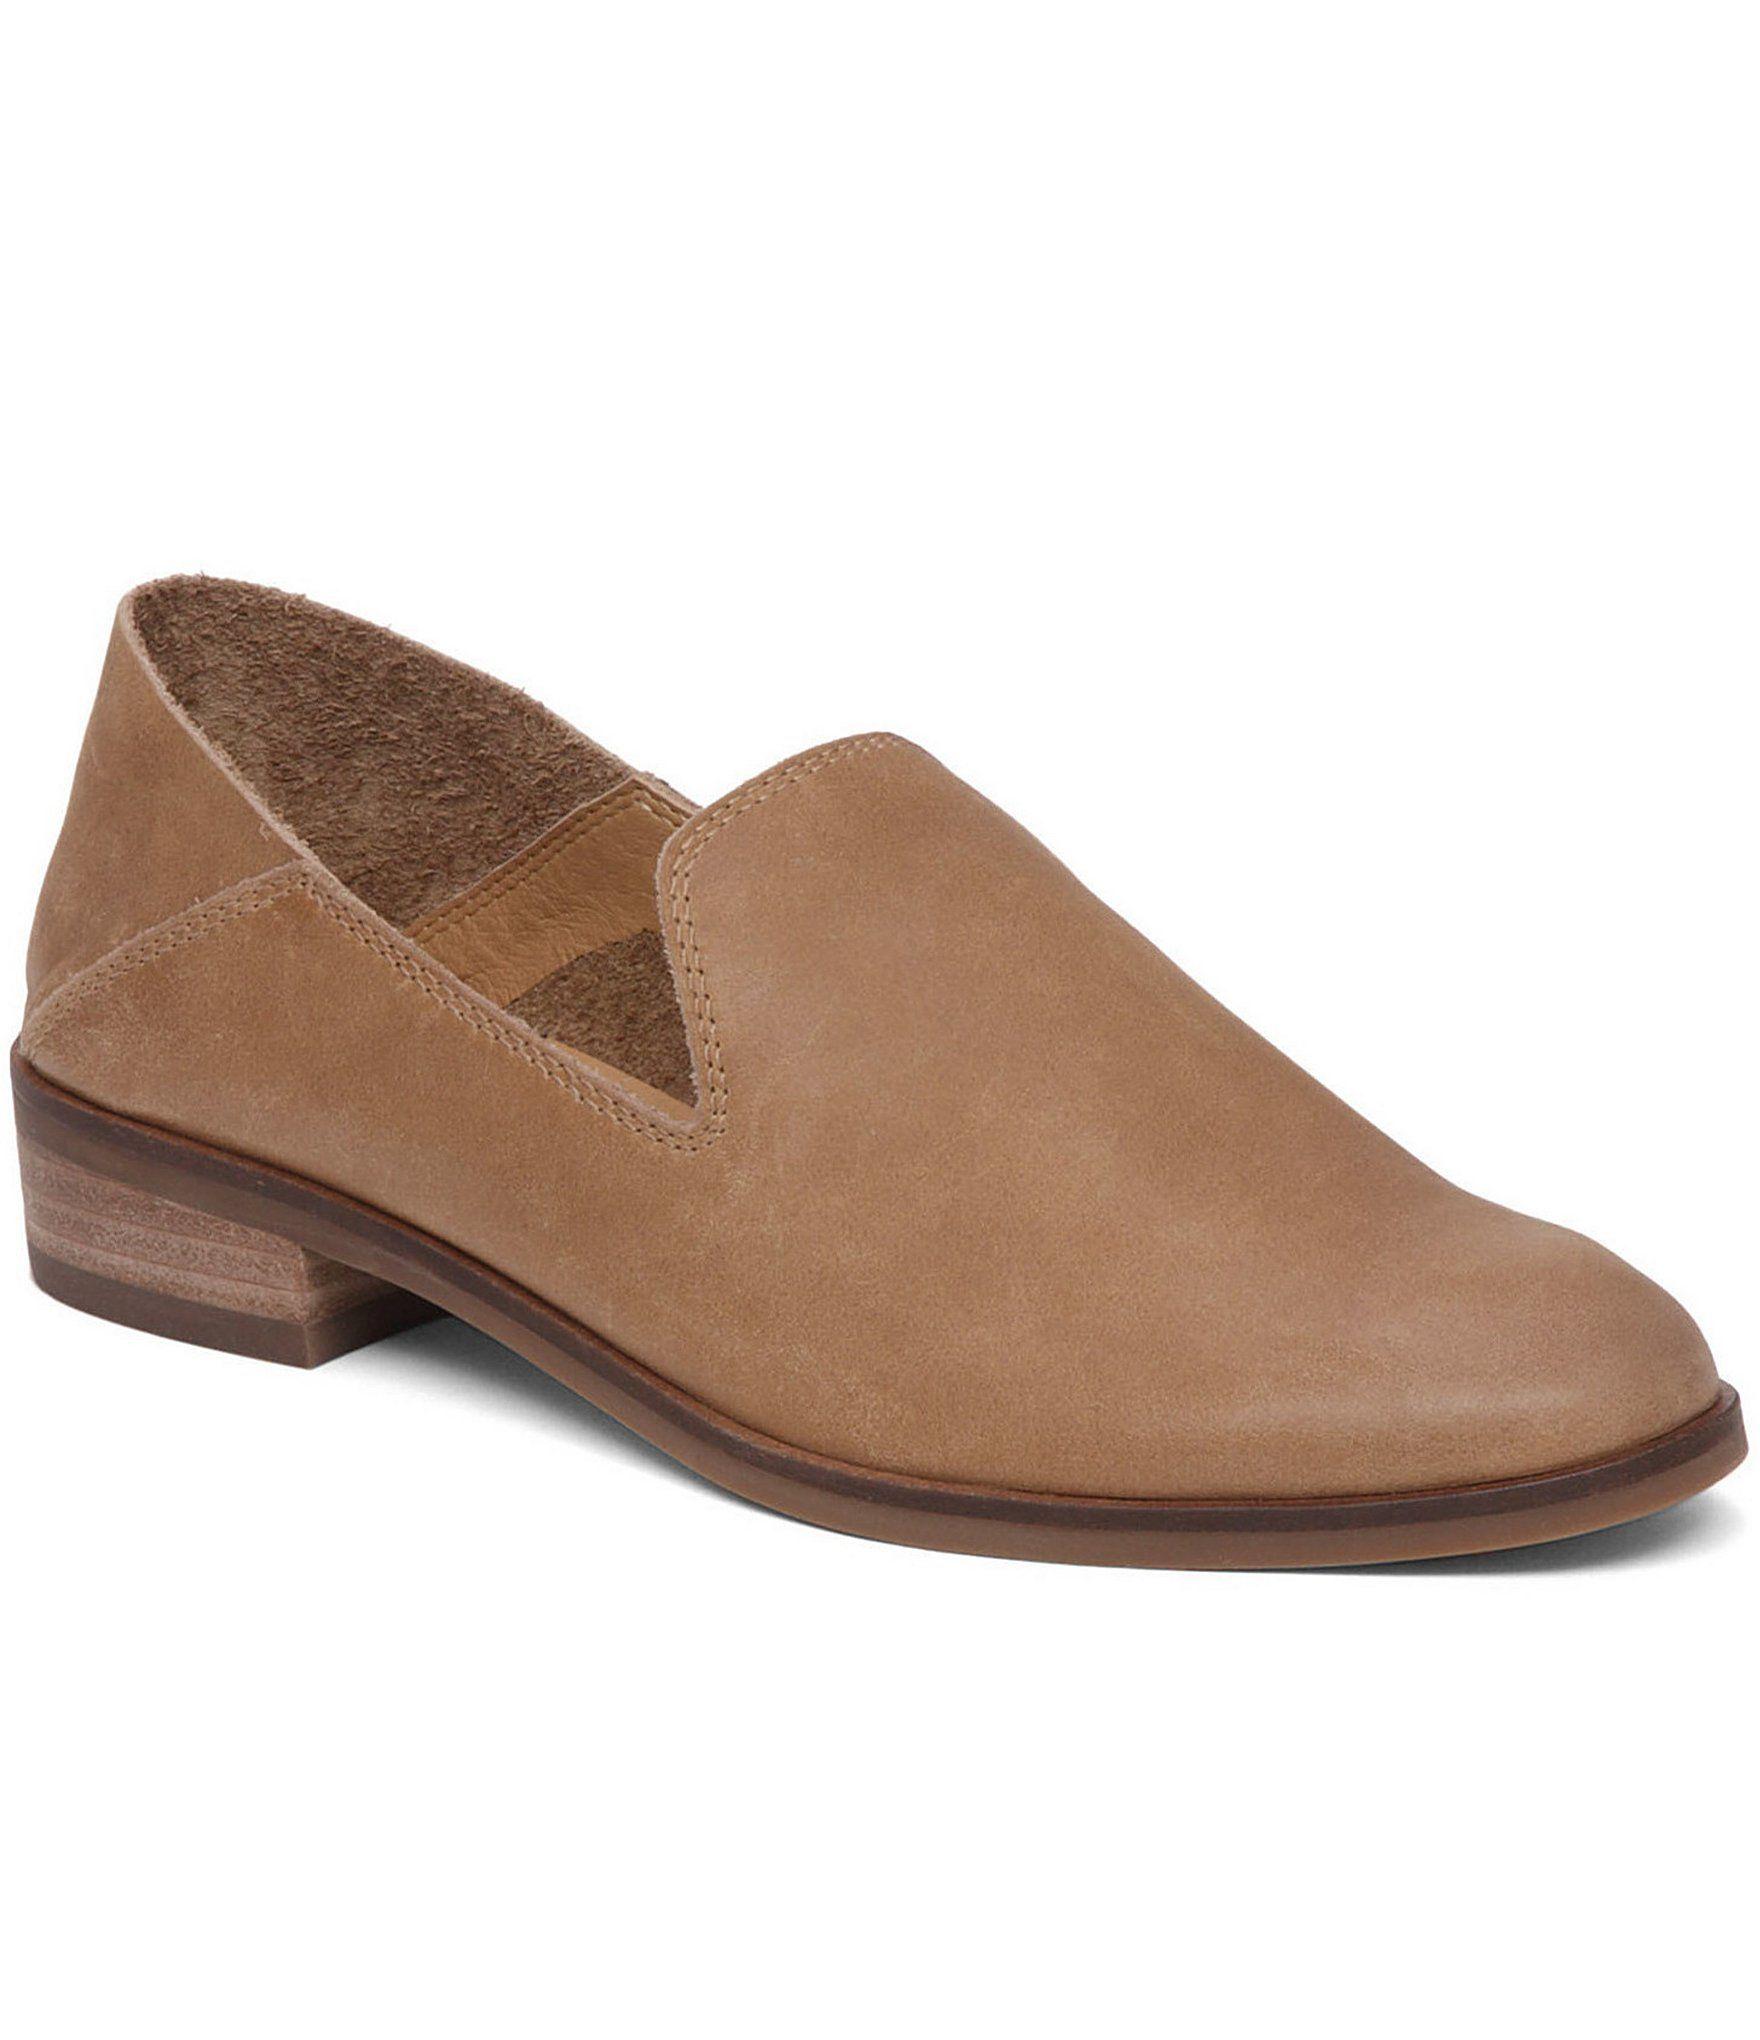 Cahill Leather Block Heel Dress Flats vUnCbevcZY